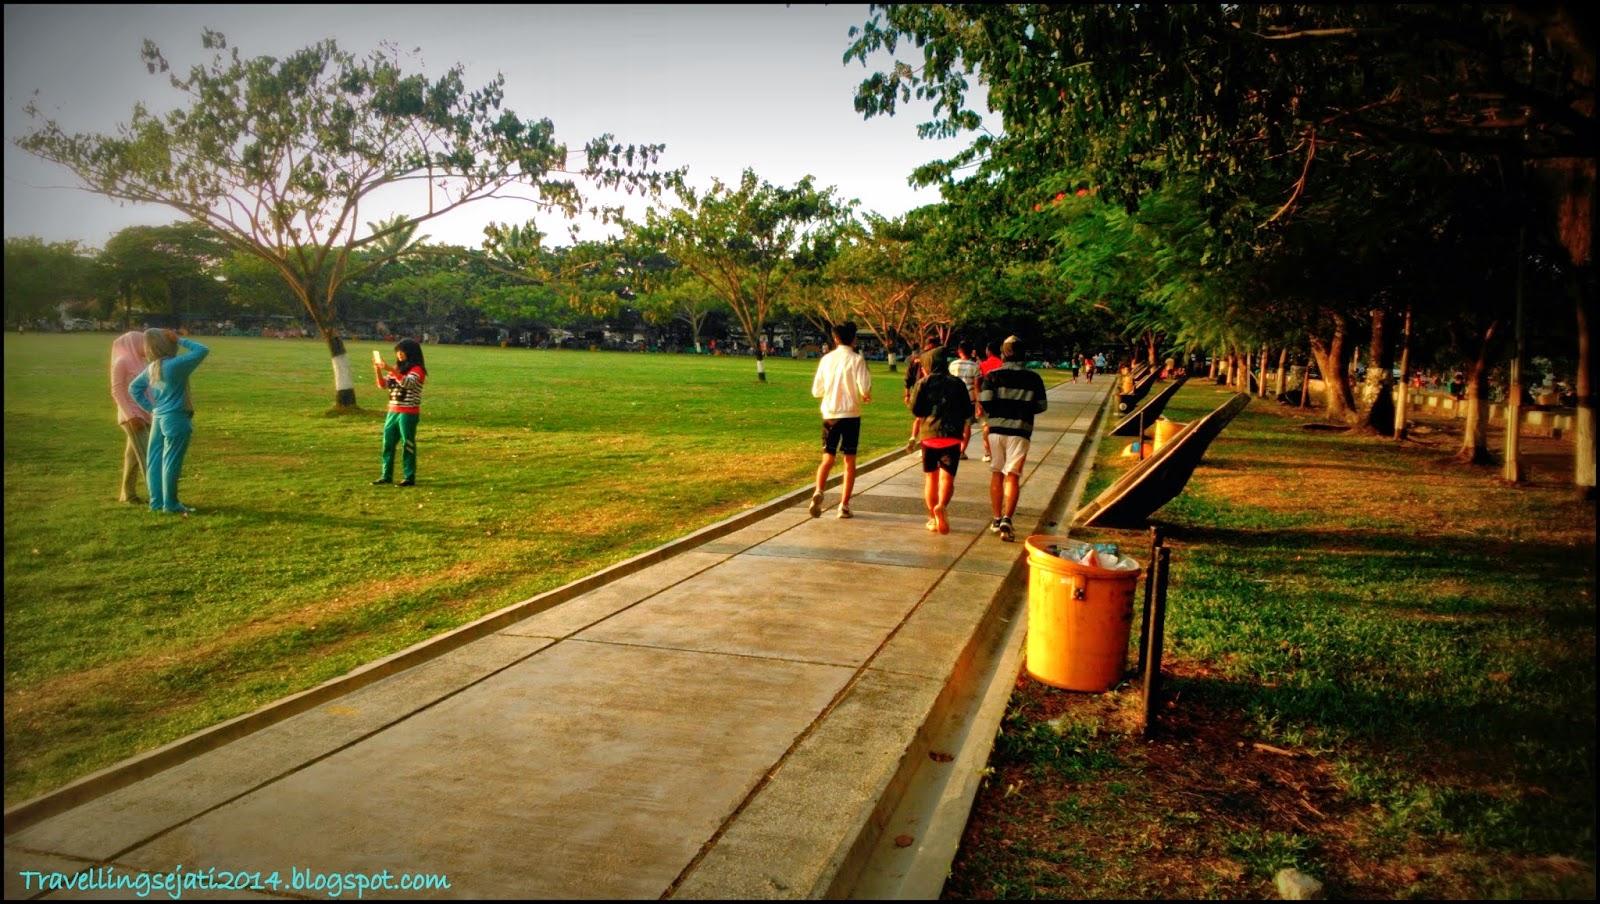 Lapangan Bersejarah Terletak Pusat Kota Banda Aceh Melakukan Jogging Blang